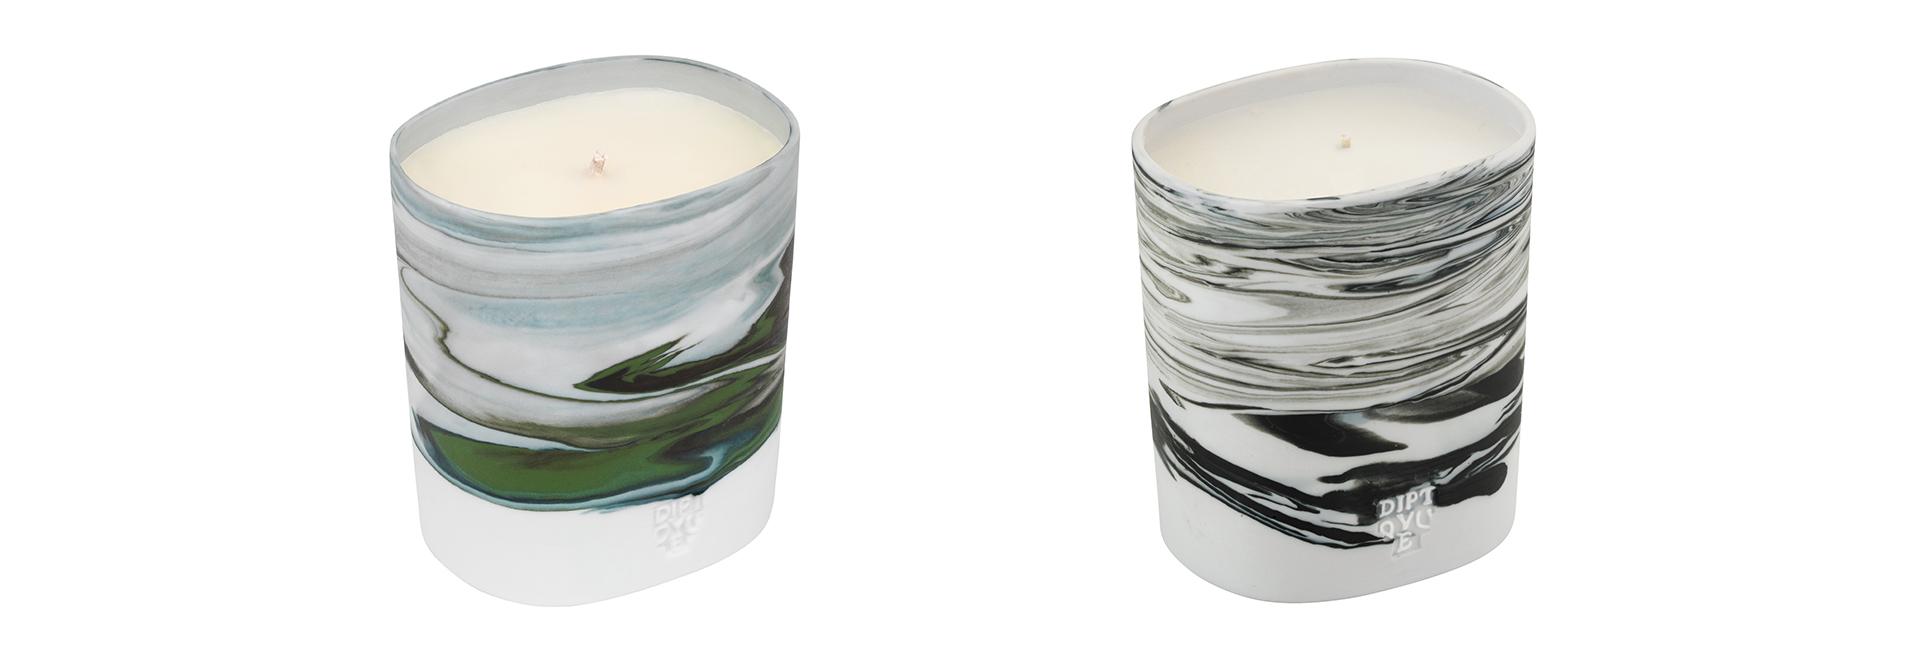 le-redoute-la-prouveresse-diptyque-ceramique-collection-34-blog-beaute-soin-parfum-homme